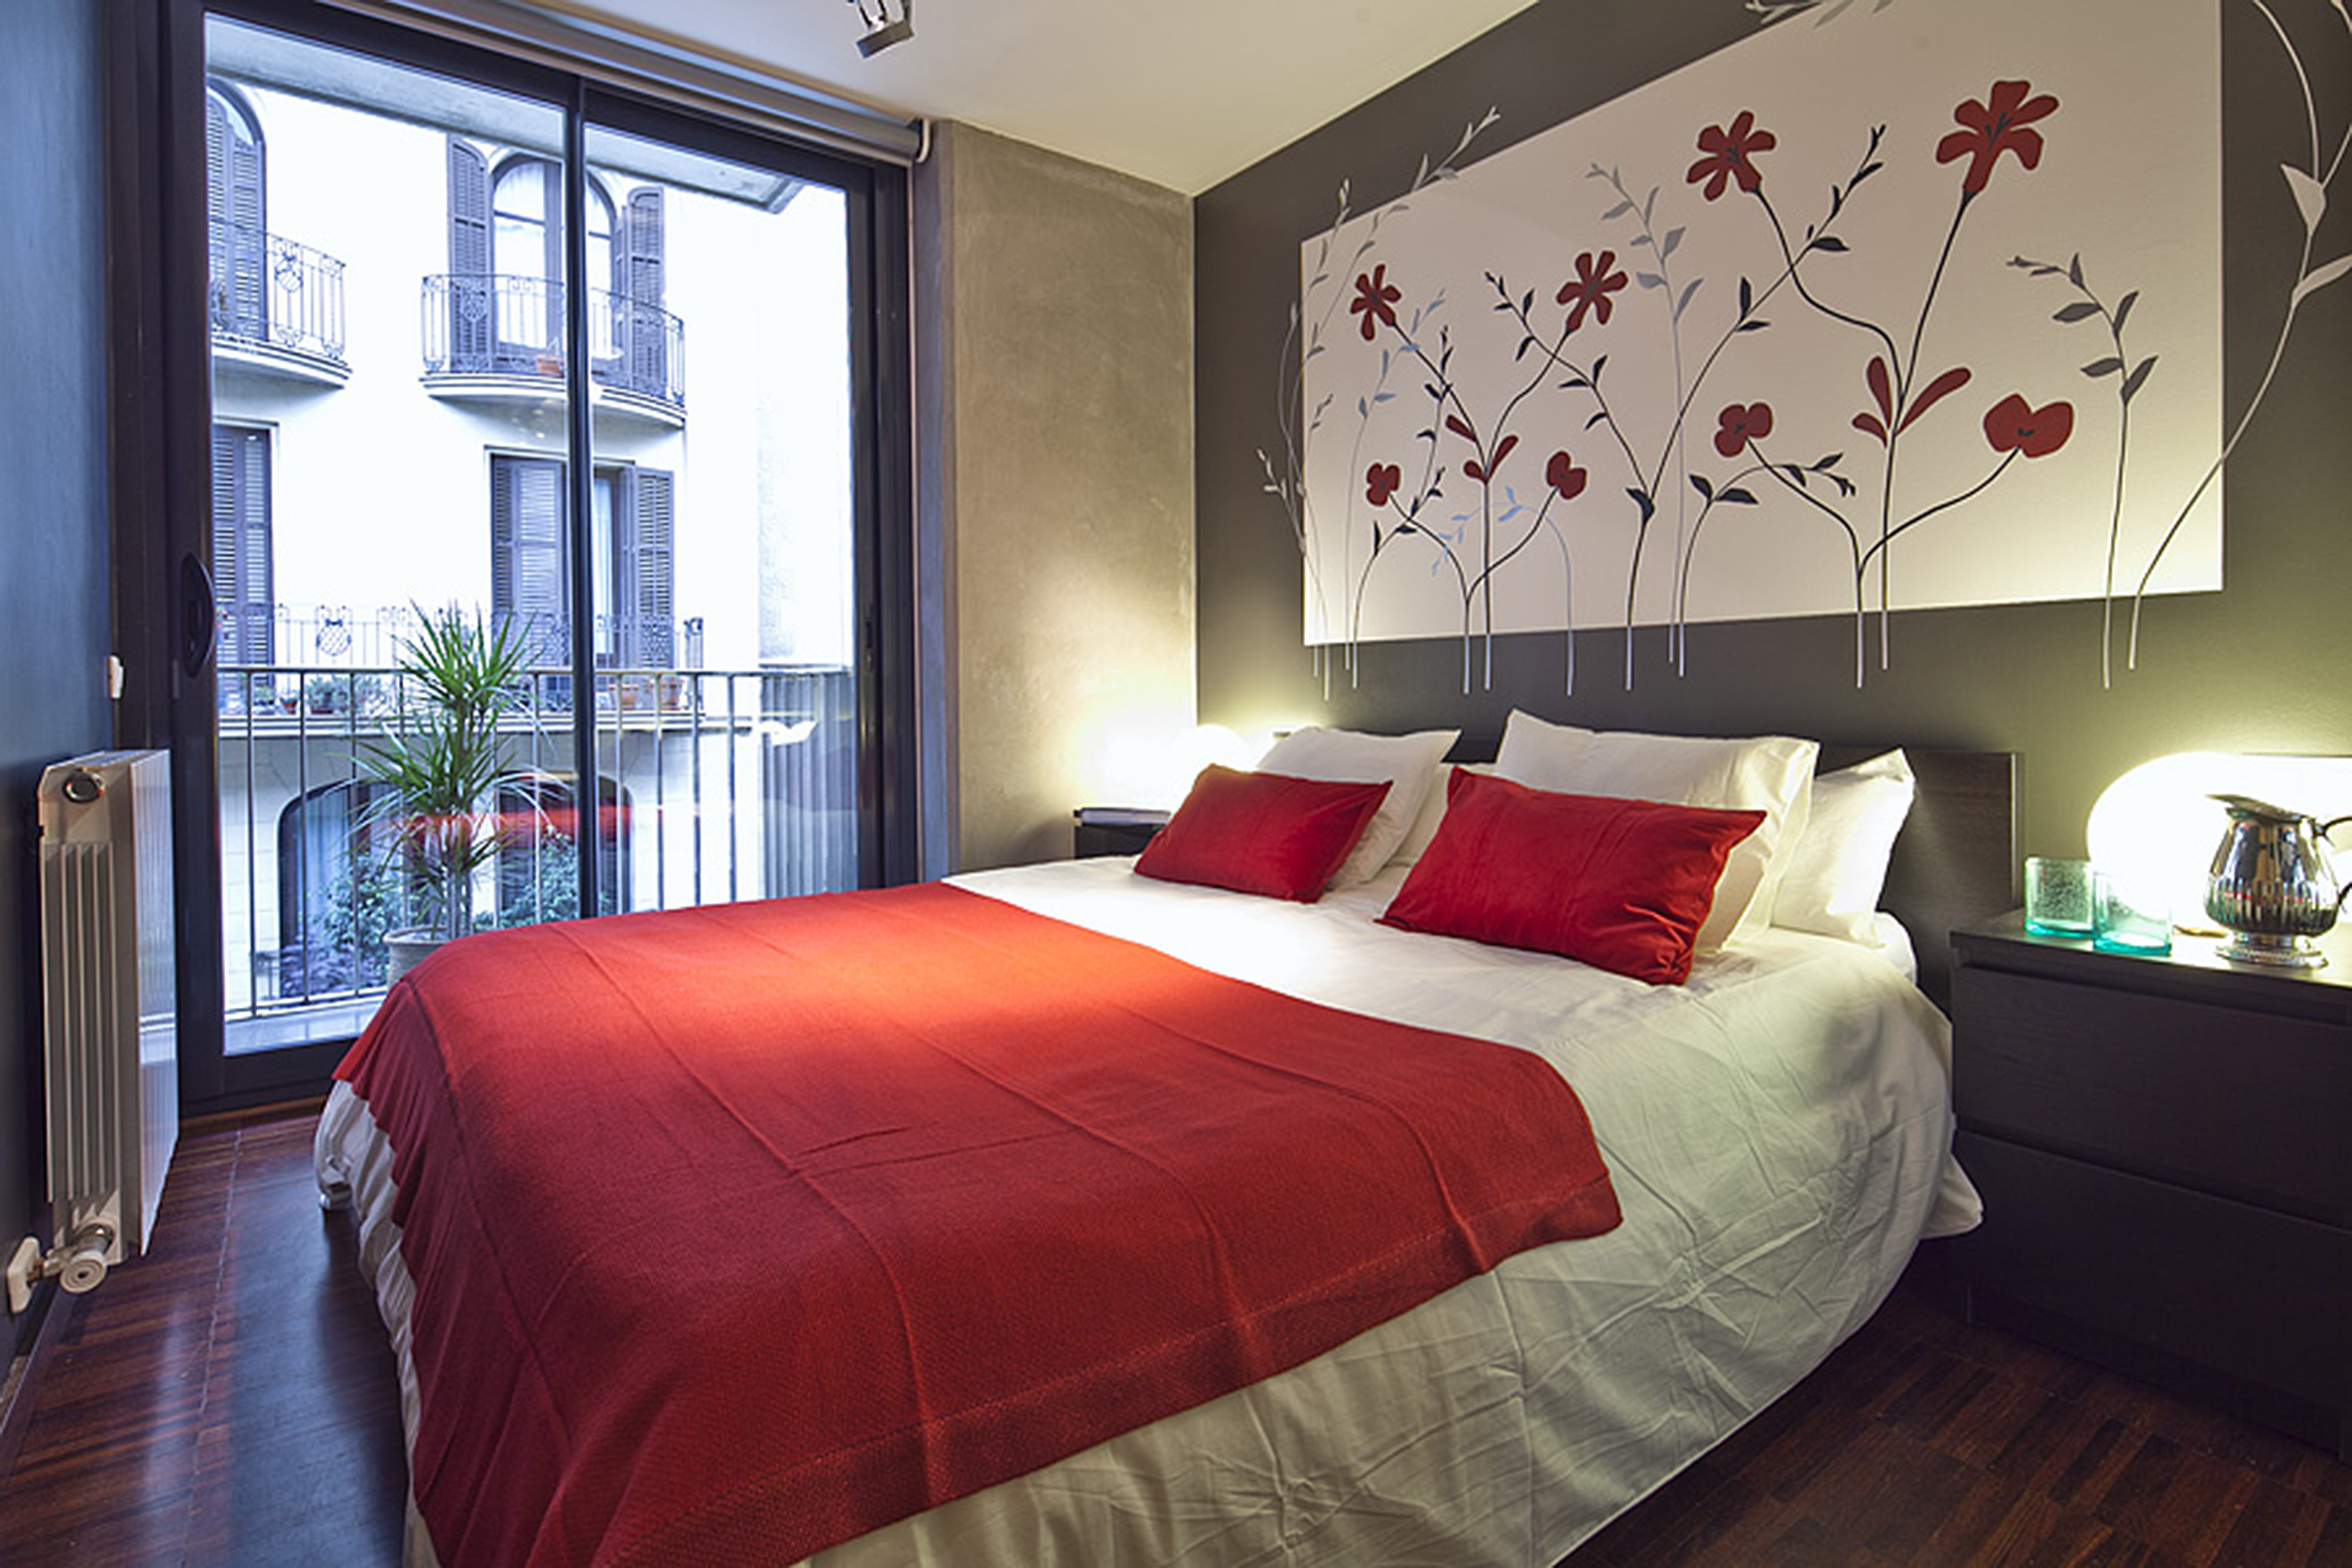 Habitaciones por horas alquilo en Córdoba-8728